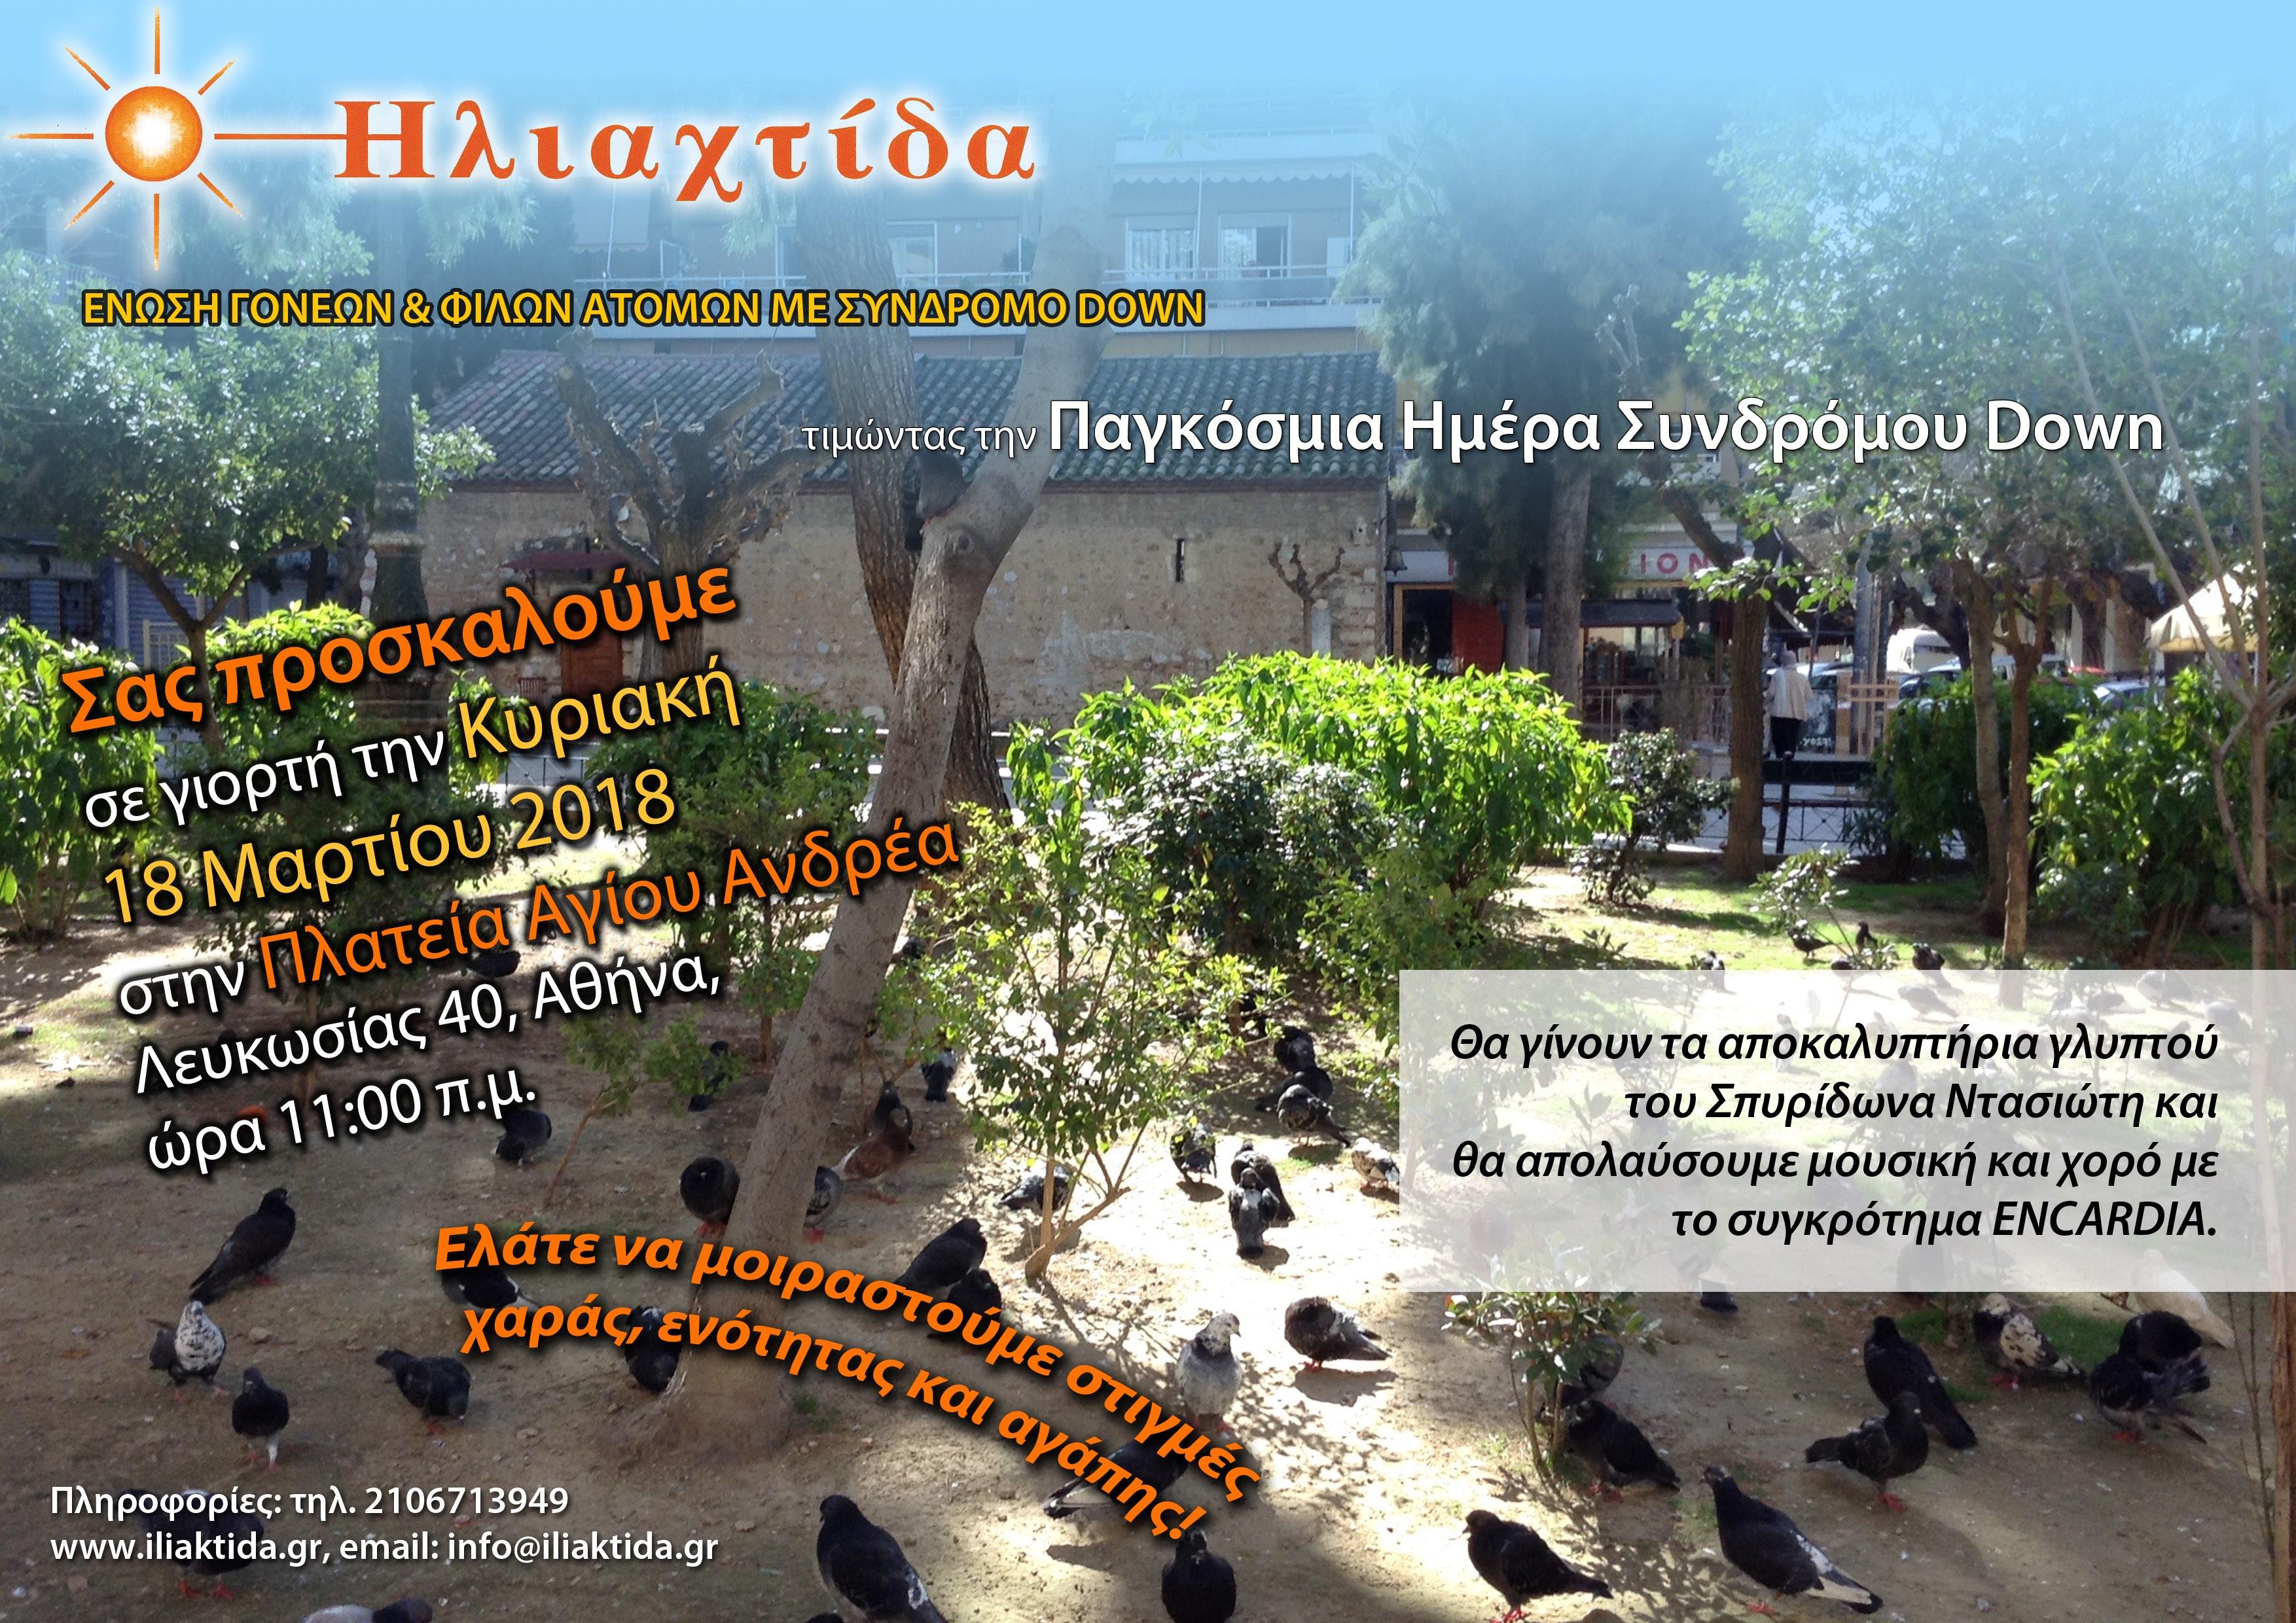 Ανάπλαση της πλατείας του Αγίου Ανδρέα (Λευκωσίας 40, Αθήνα) για την Καμπάνια της Παγκόσμιας Ημέρας Συνδρόμου Down - Γιορτή Ηλιαχτίδας στις 18/03/2018 ώρα 11:00.